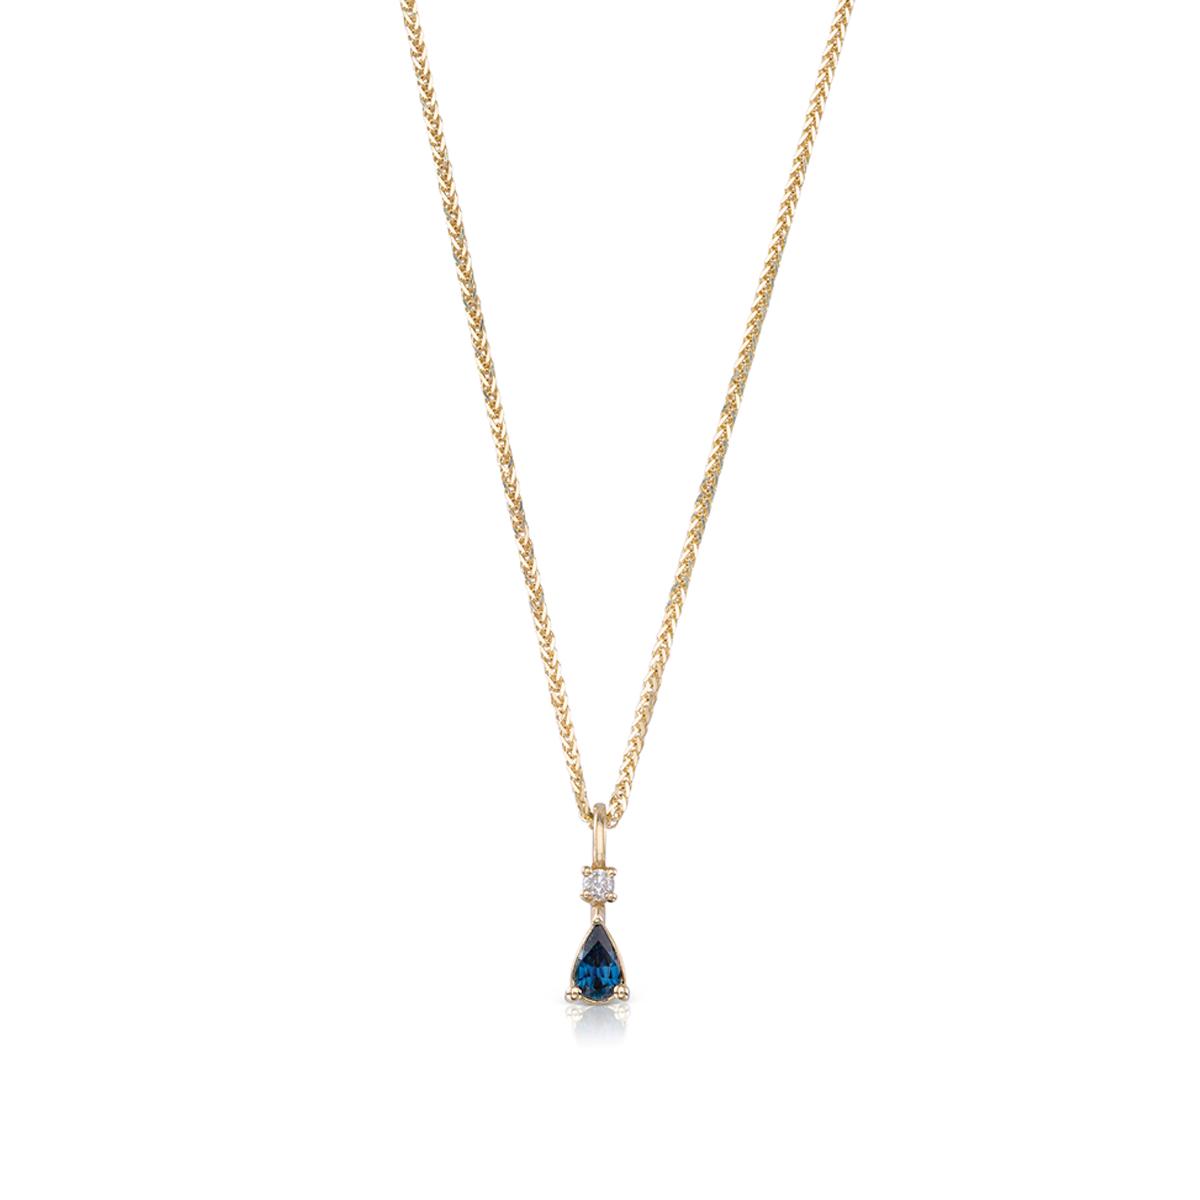 שרשרת זהב עם תליון משובץ ספיר טיפה ויהלום